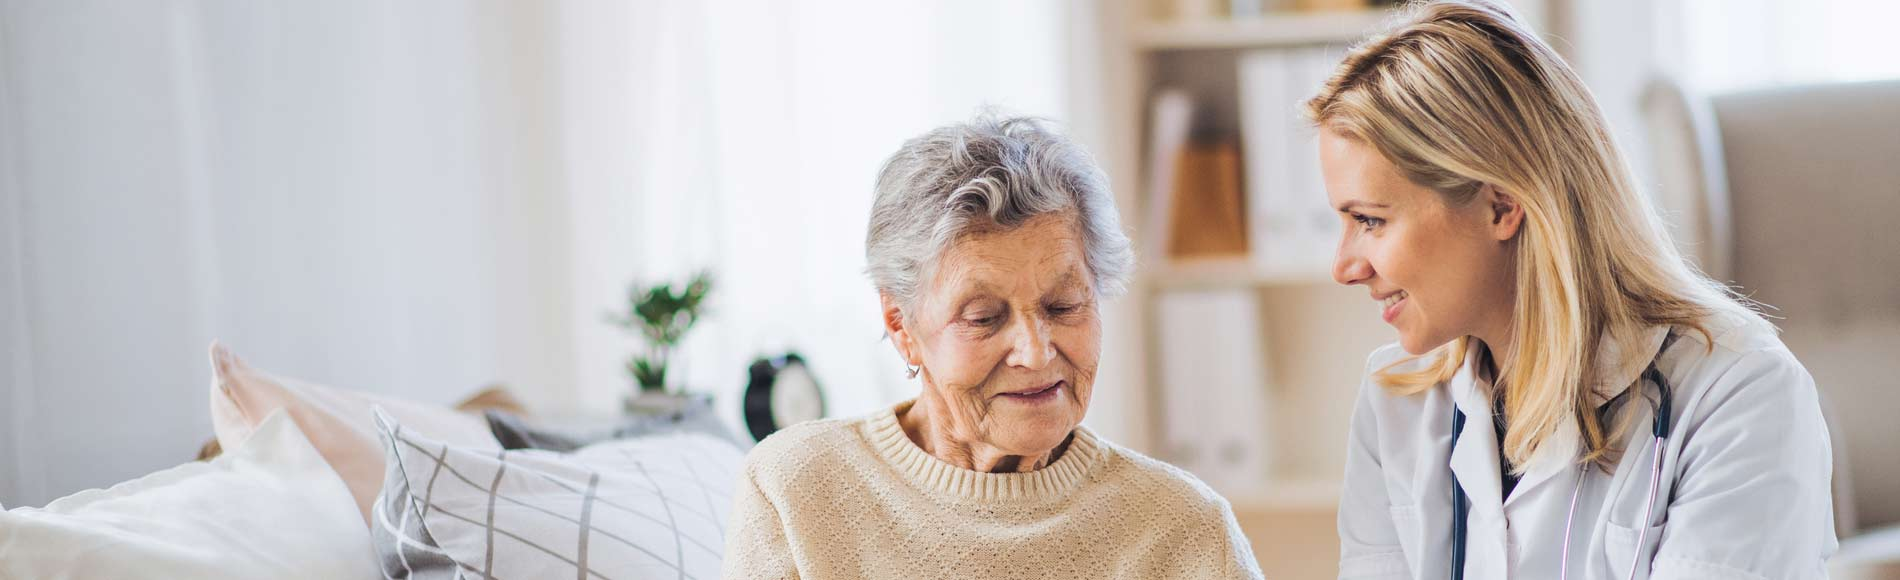 Quadre mèdic per a la gent gran